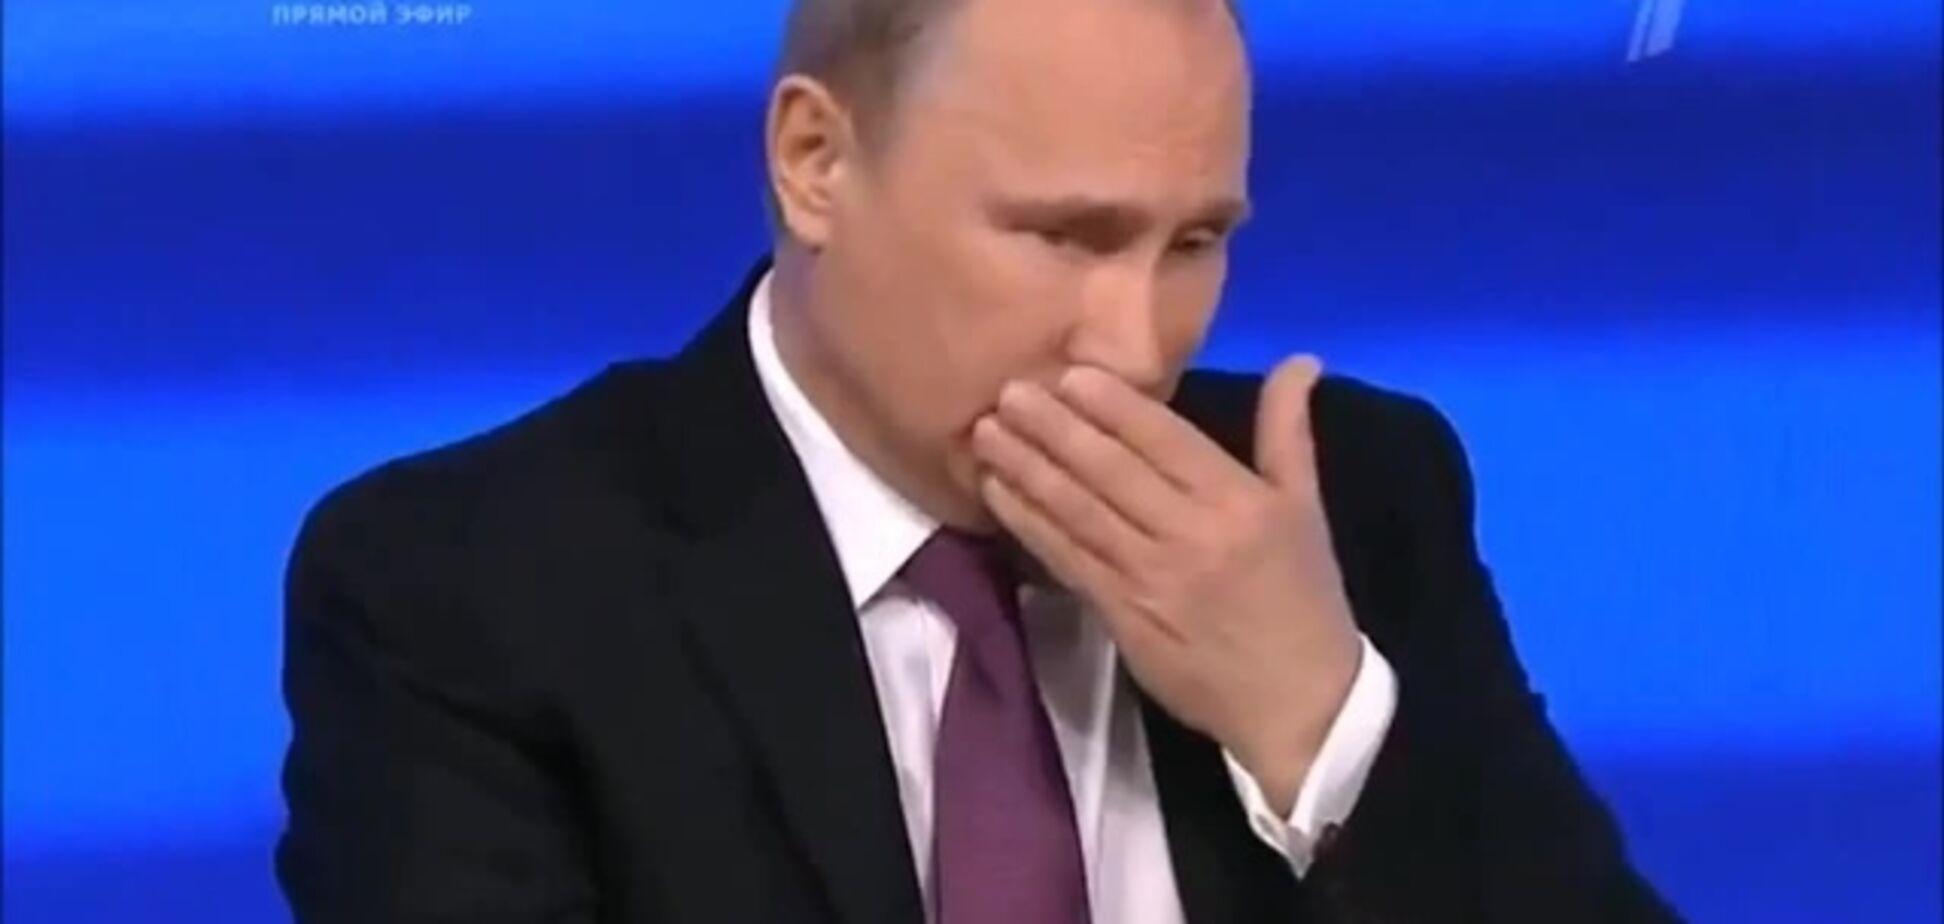 Кашлянье Путина дополняло картину пафосного маразма